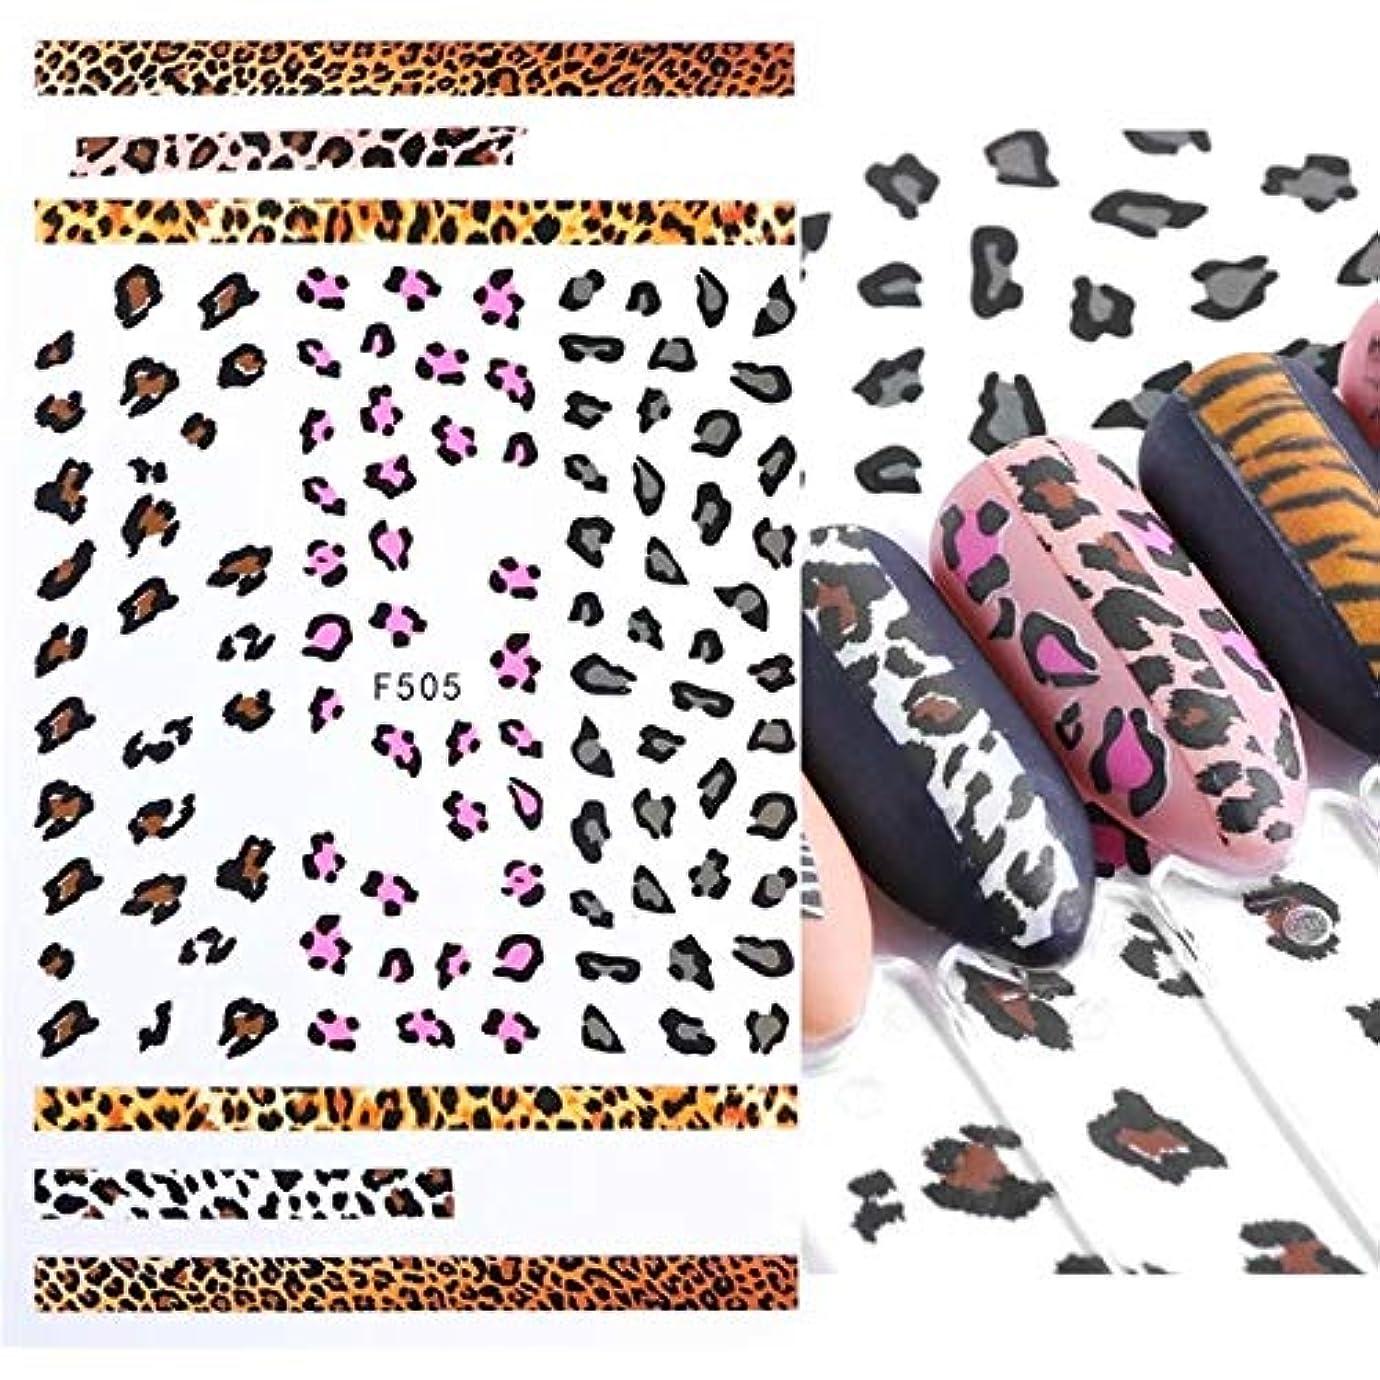 帰る寄付暖炉SUKTI&XIAO ネイルステッカー 1ピースネイルステッカーヒョウ柄動物パターンデザイン3D粘着マニキュアツールスライダーネイルアート装飾